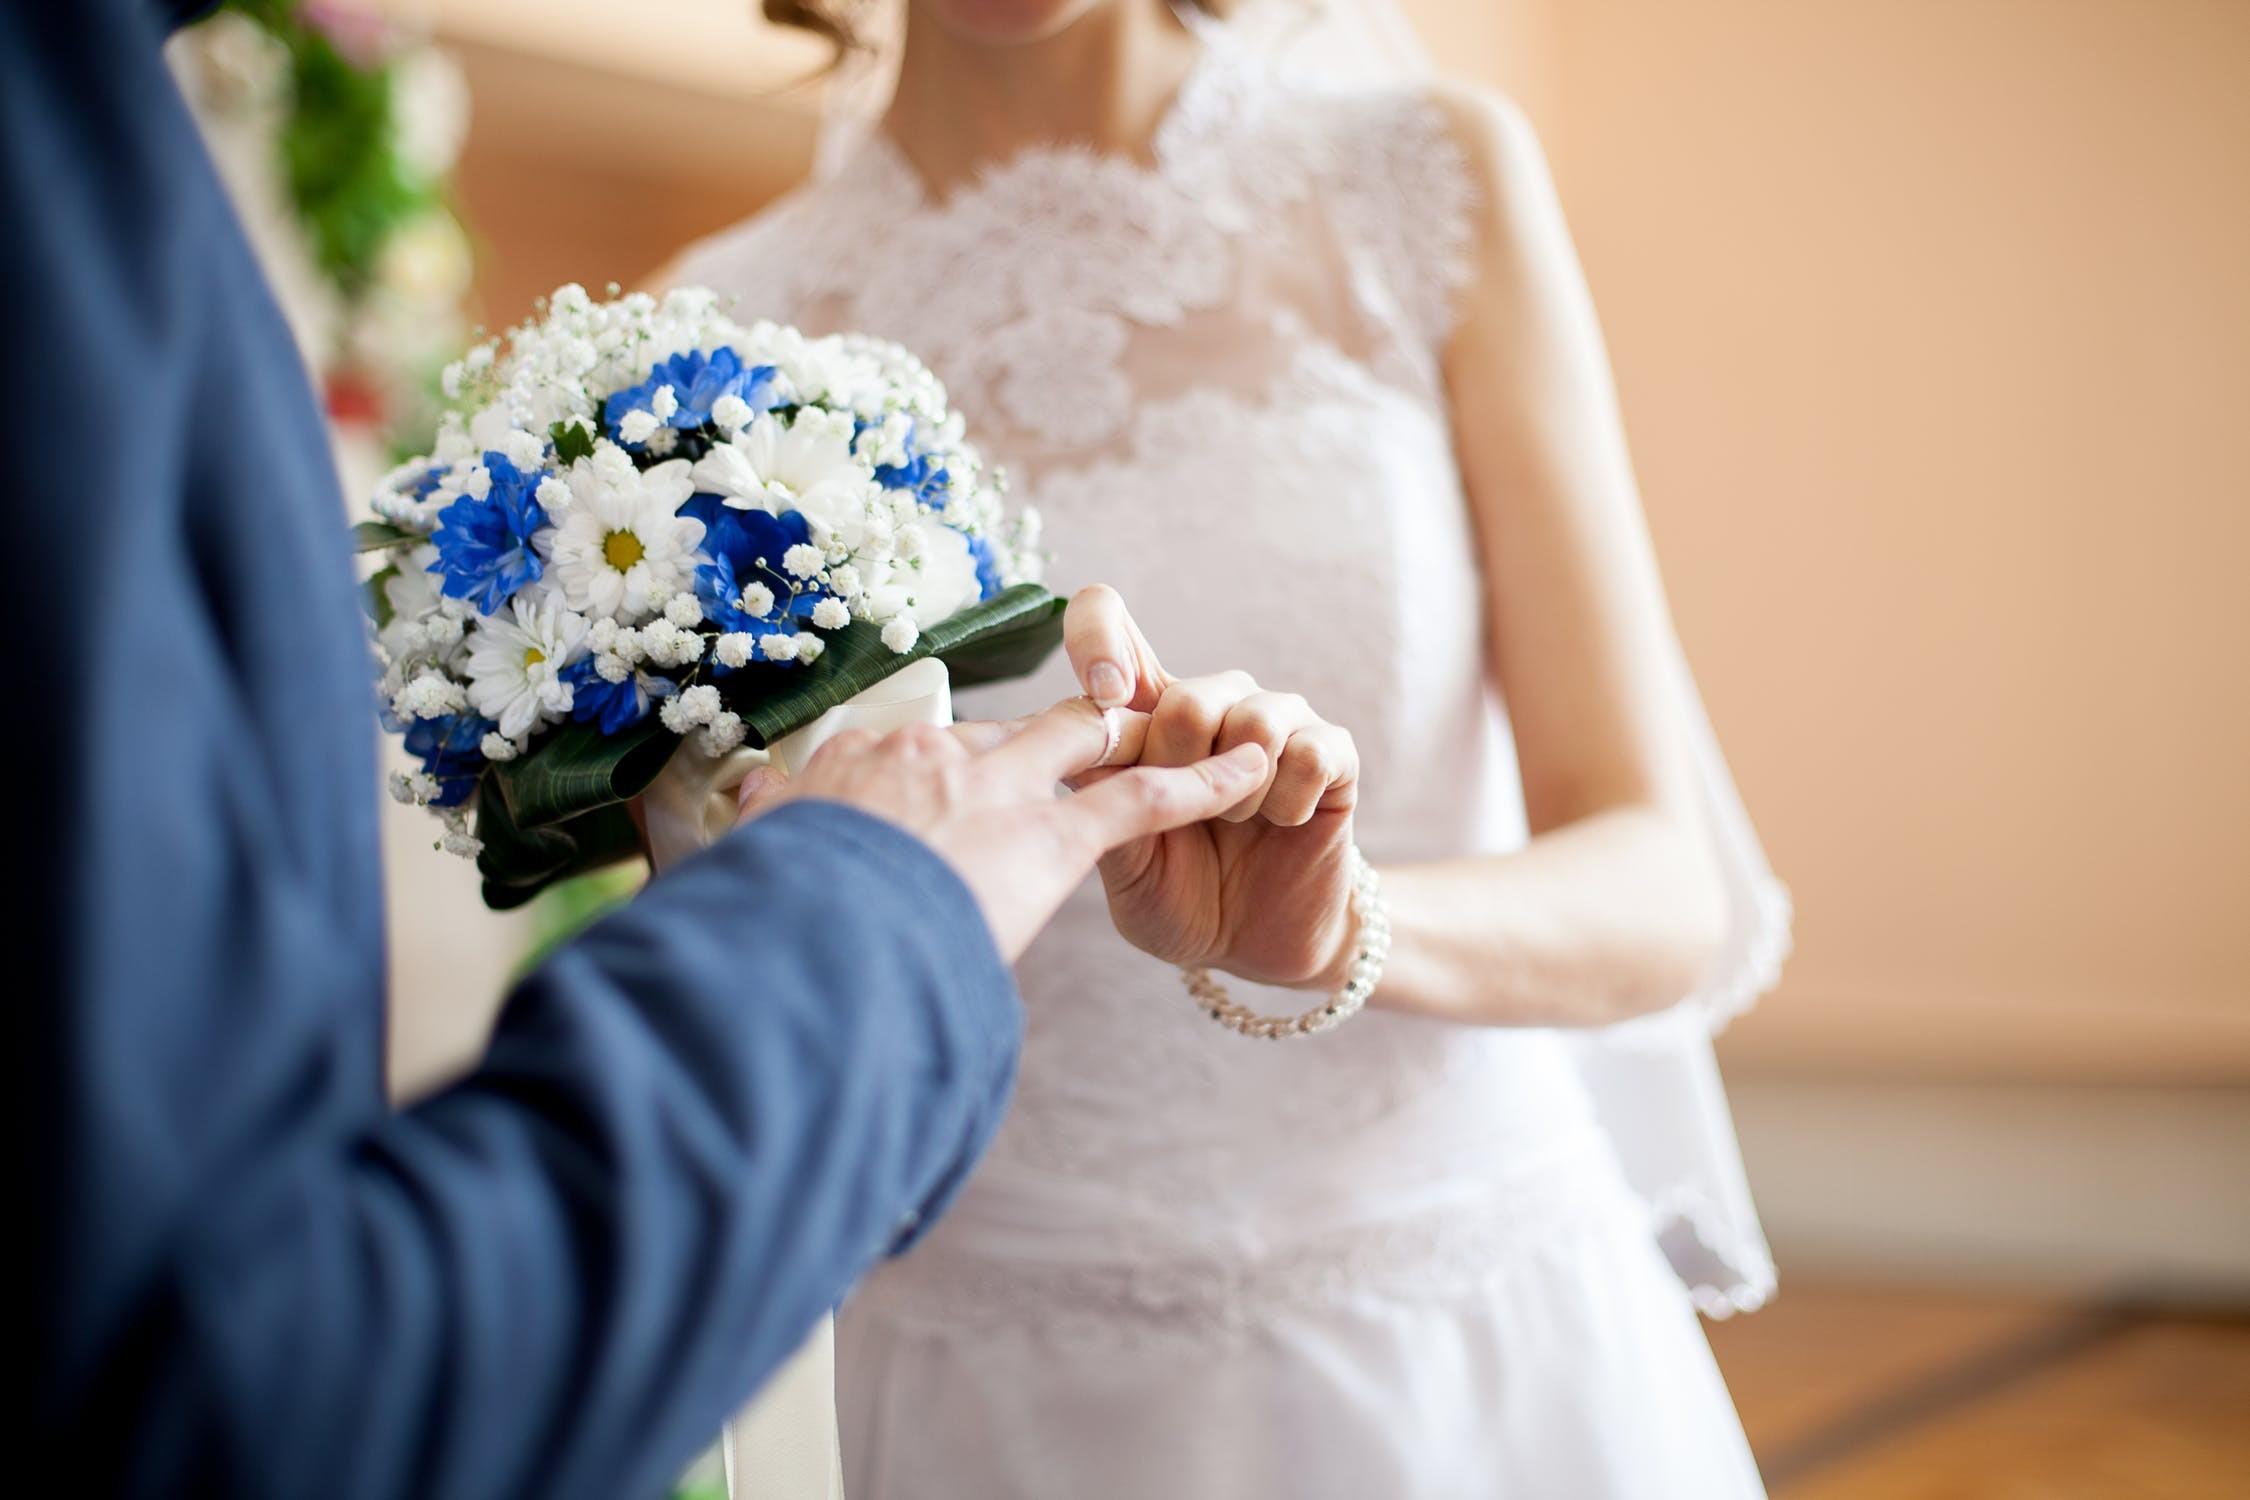 ▲結婚,夫妻(示意圖/取自免費圖庫Pexels)